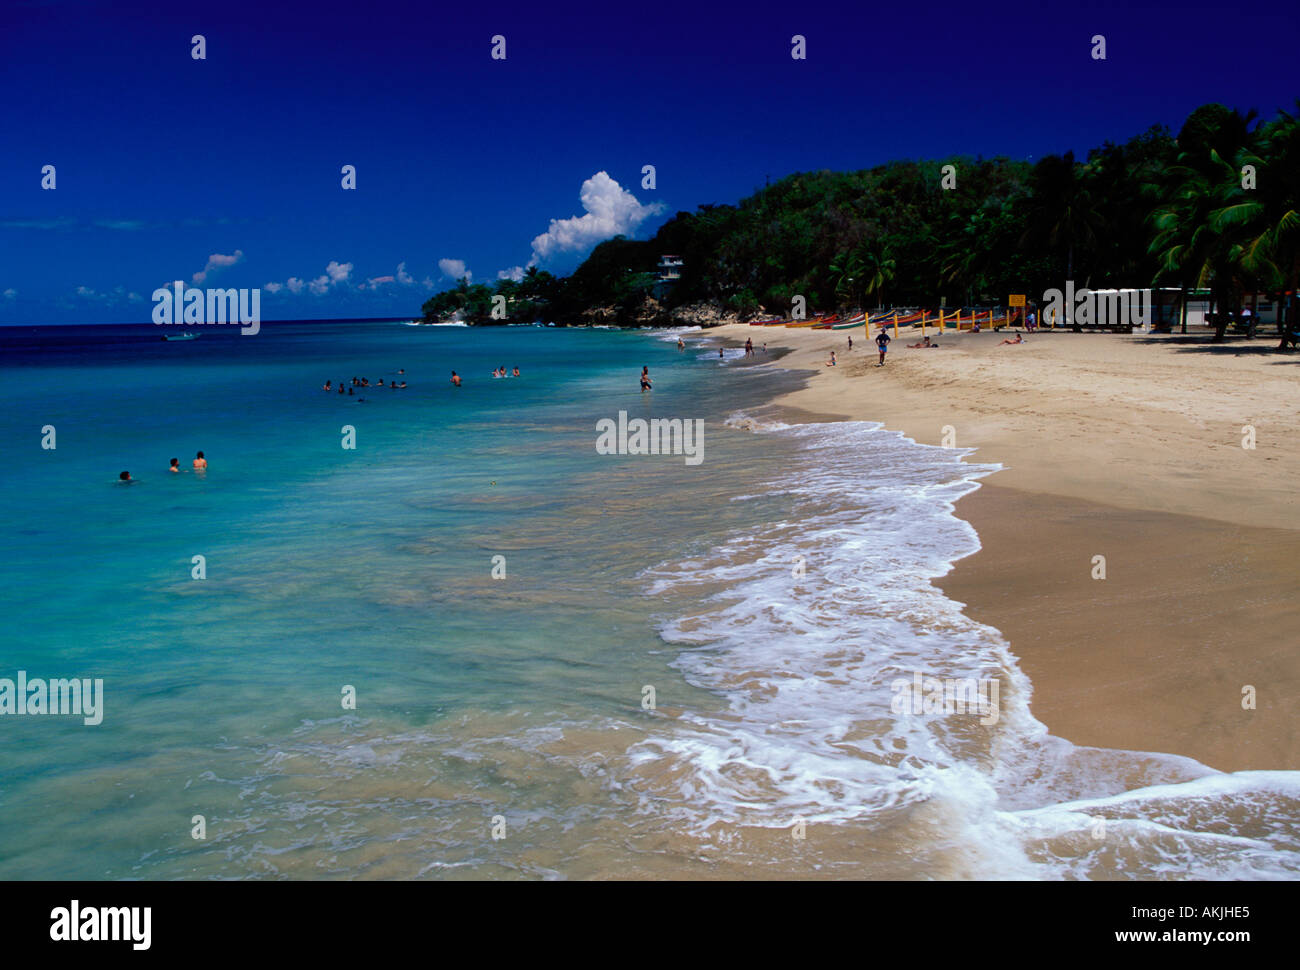 Ebenen in der Karibik